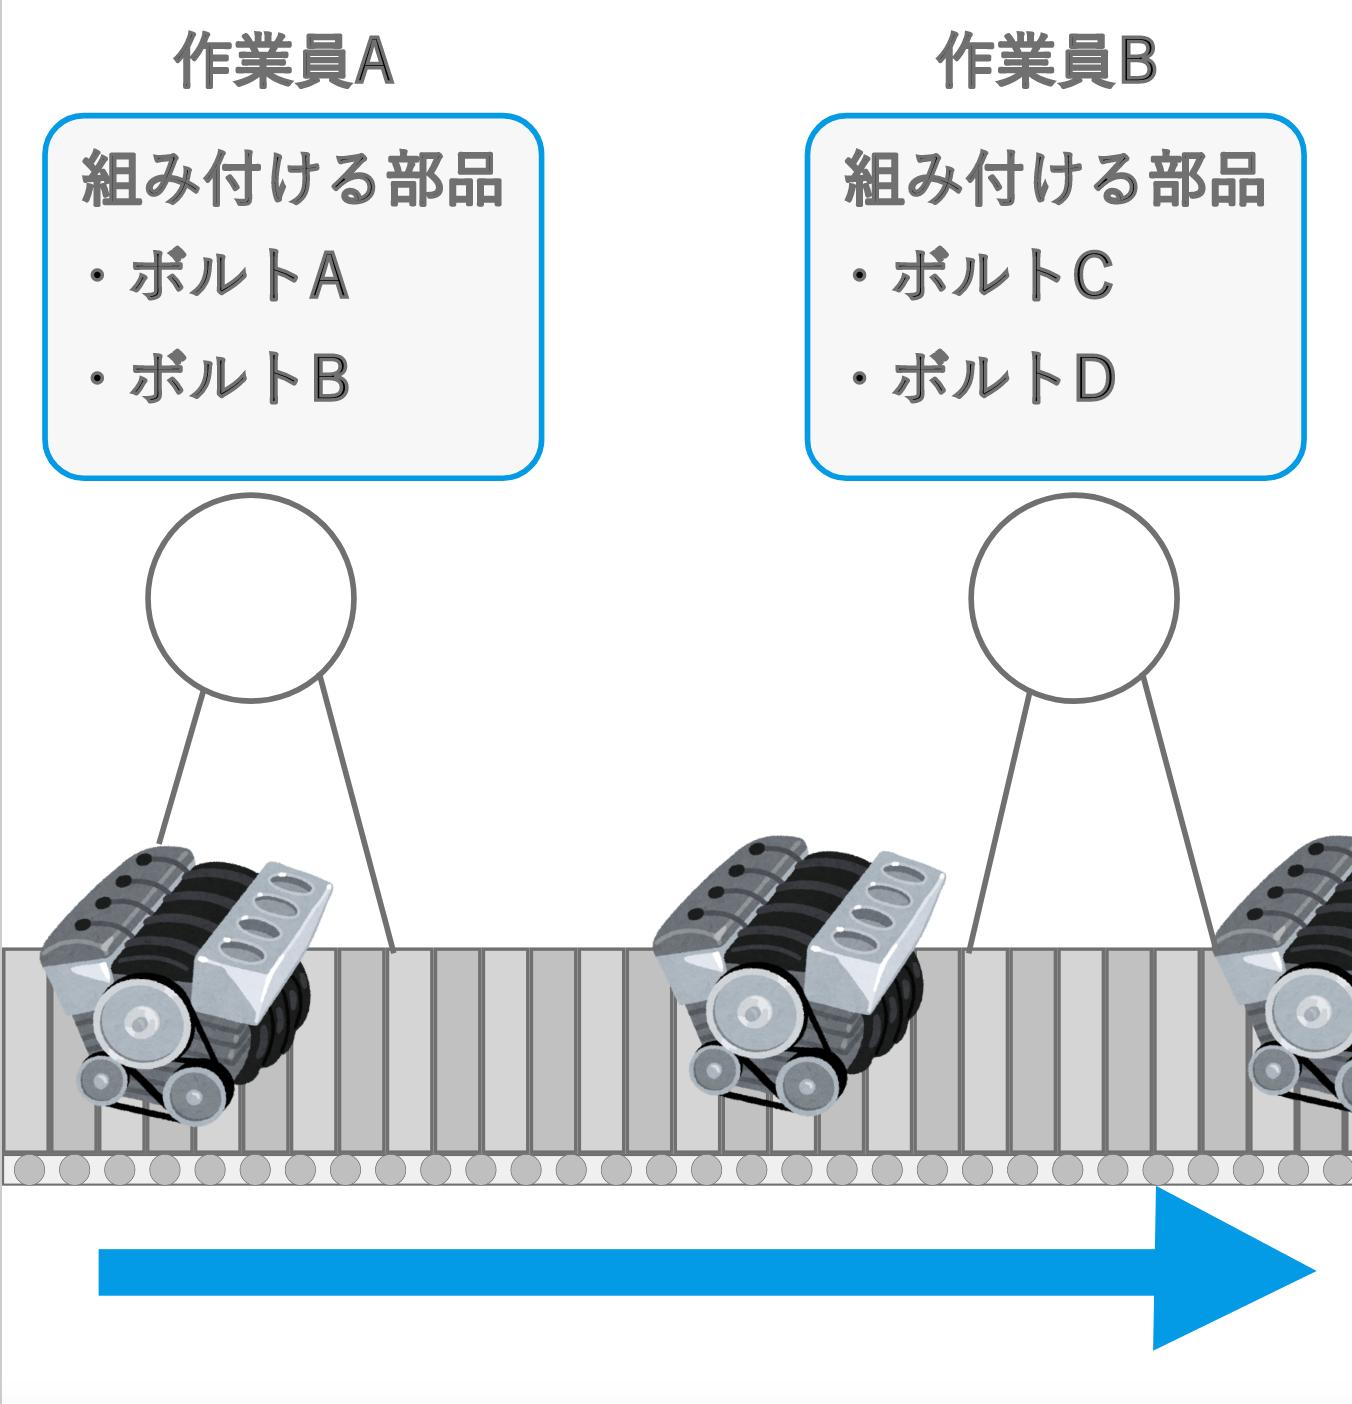 組立工程の図